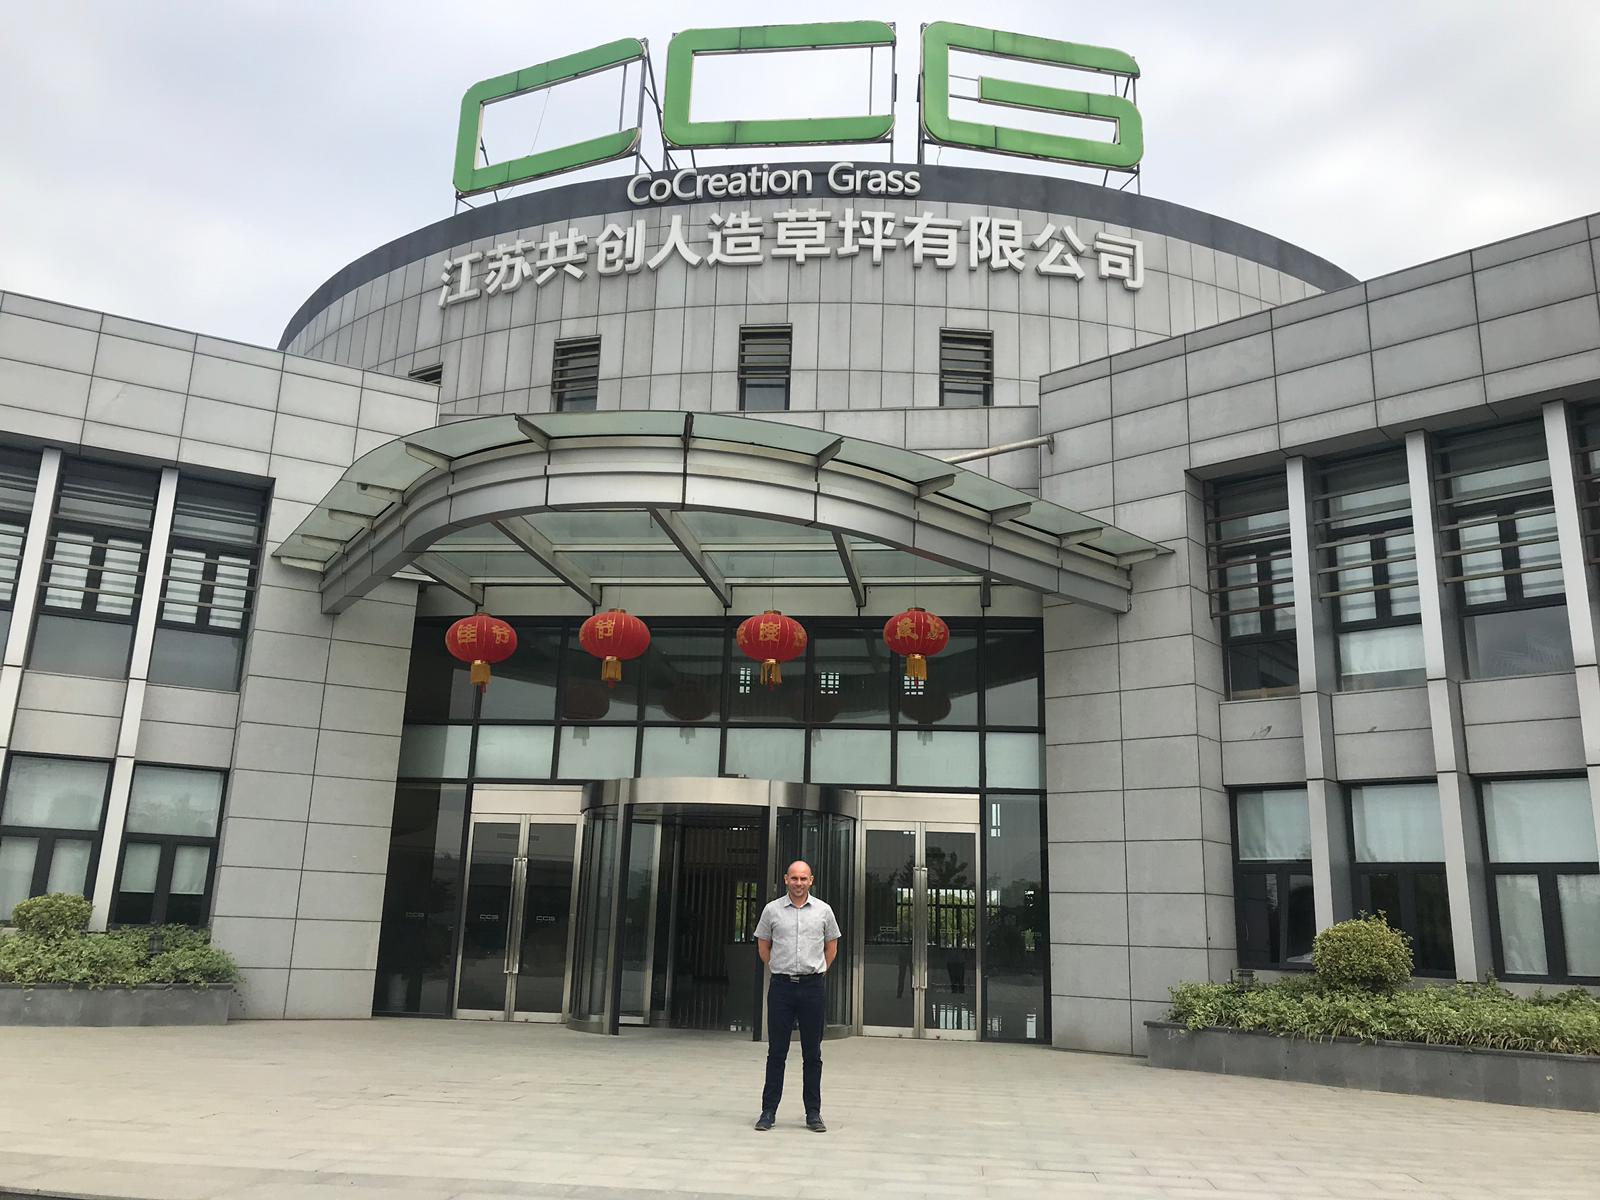 La visite de Jamie Forrester à CCGrass en Chine